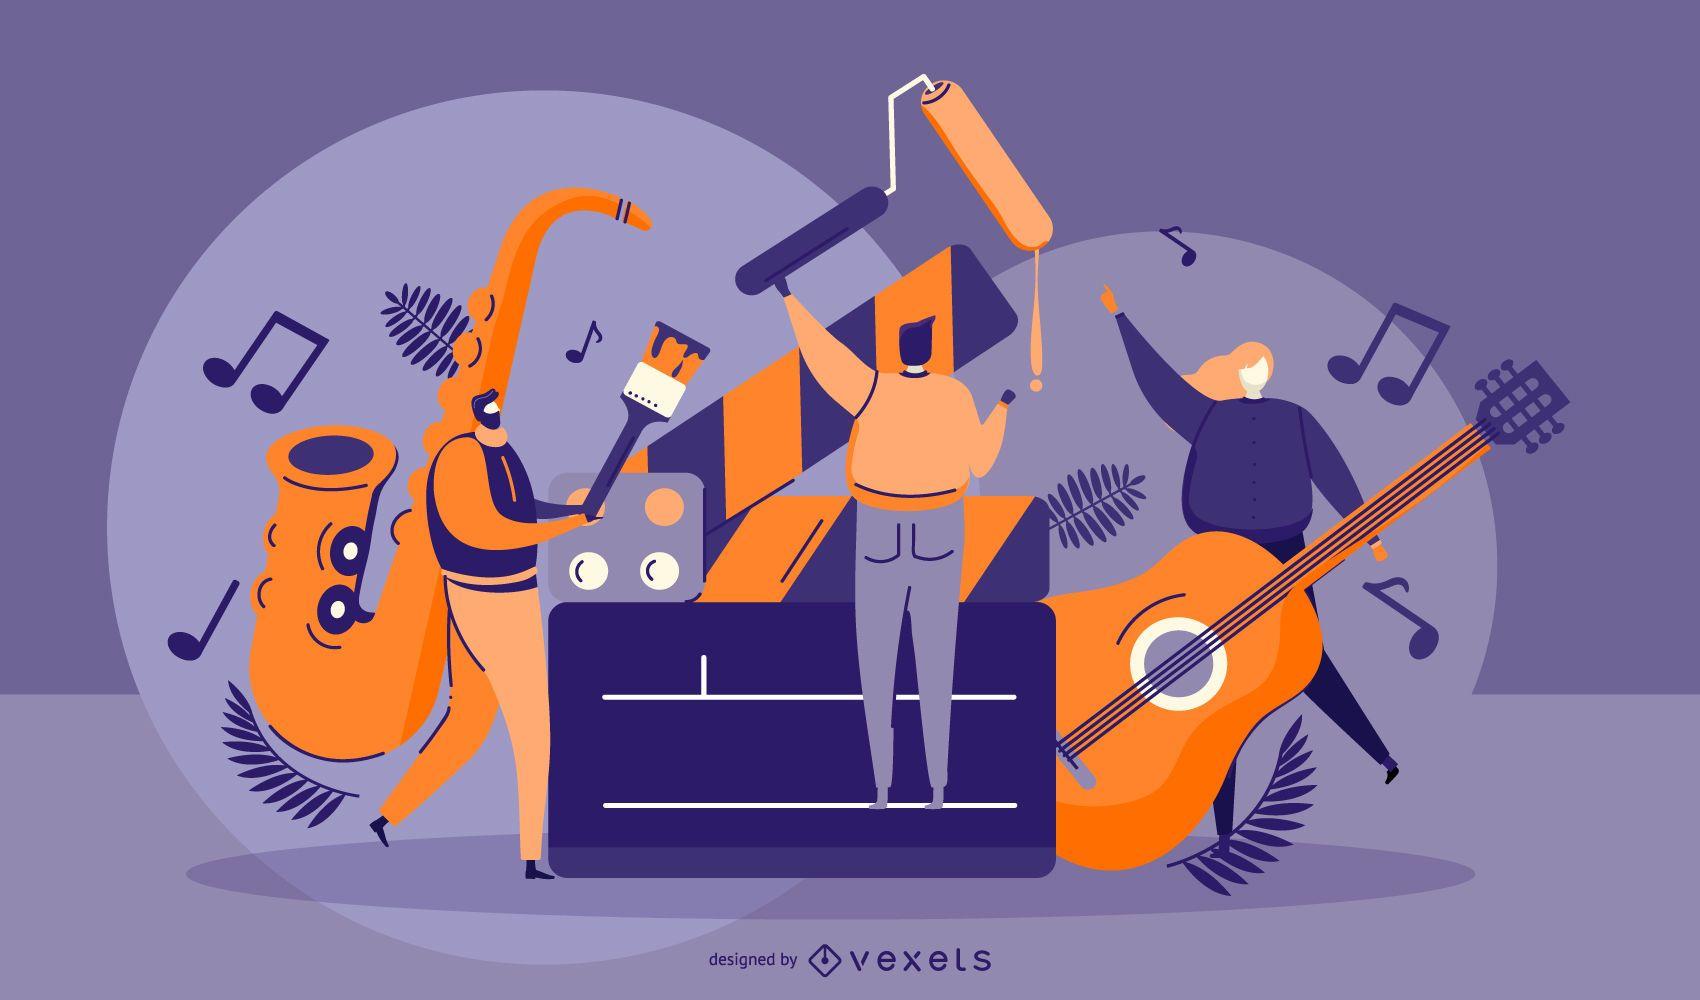 Ilustración gráfica de personas artísticas